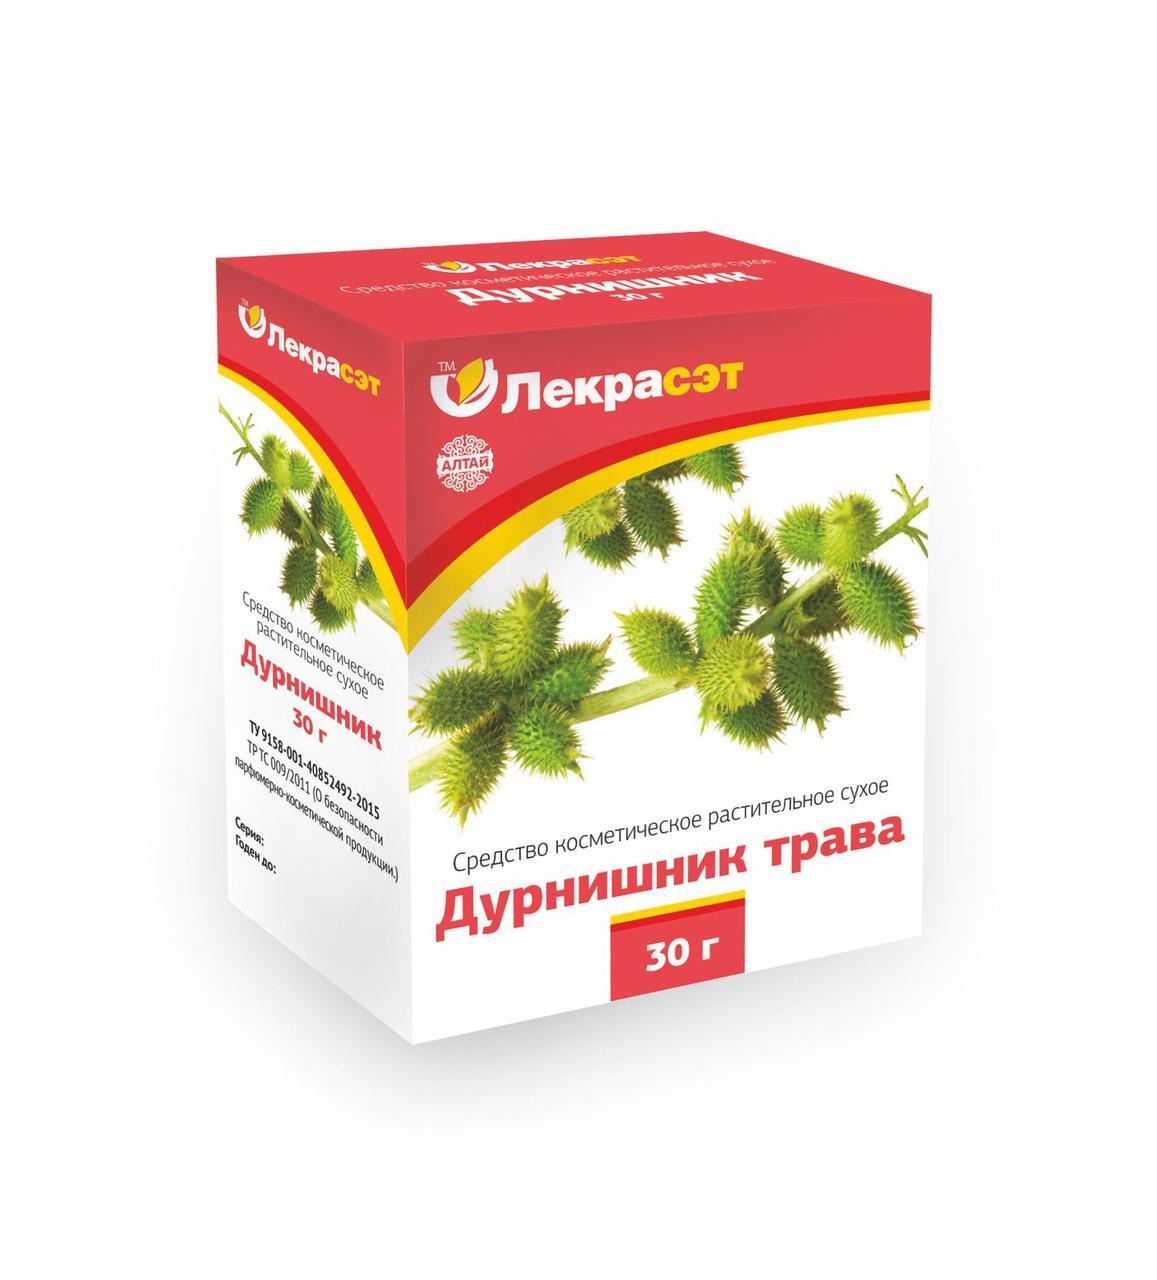 Дурнишник, трава, Средство косметическое для наружного применения, 30гр